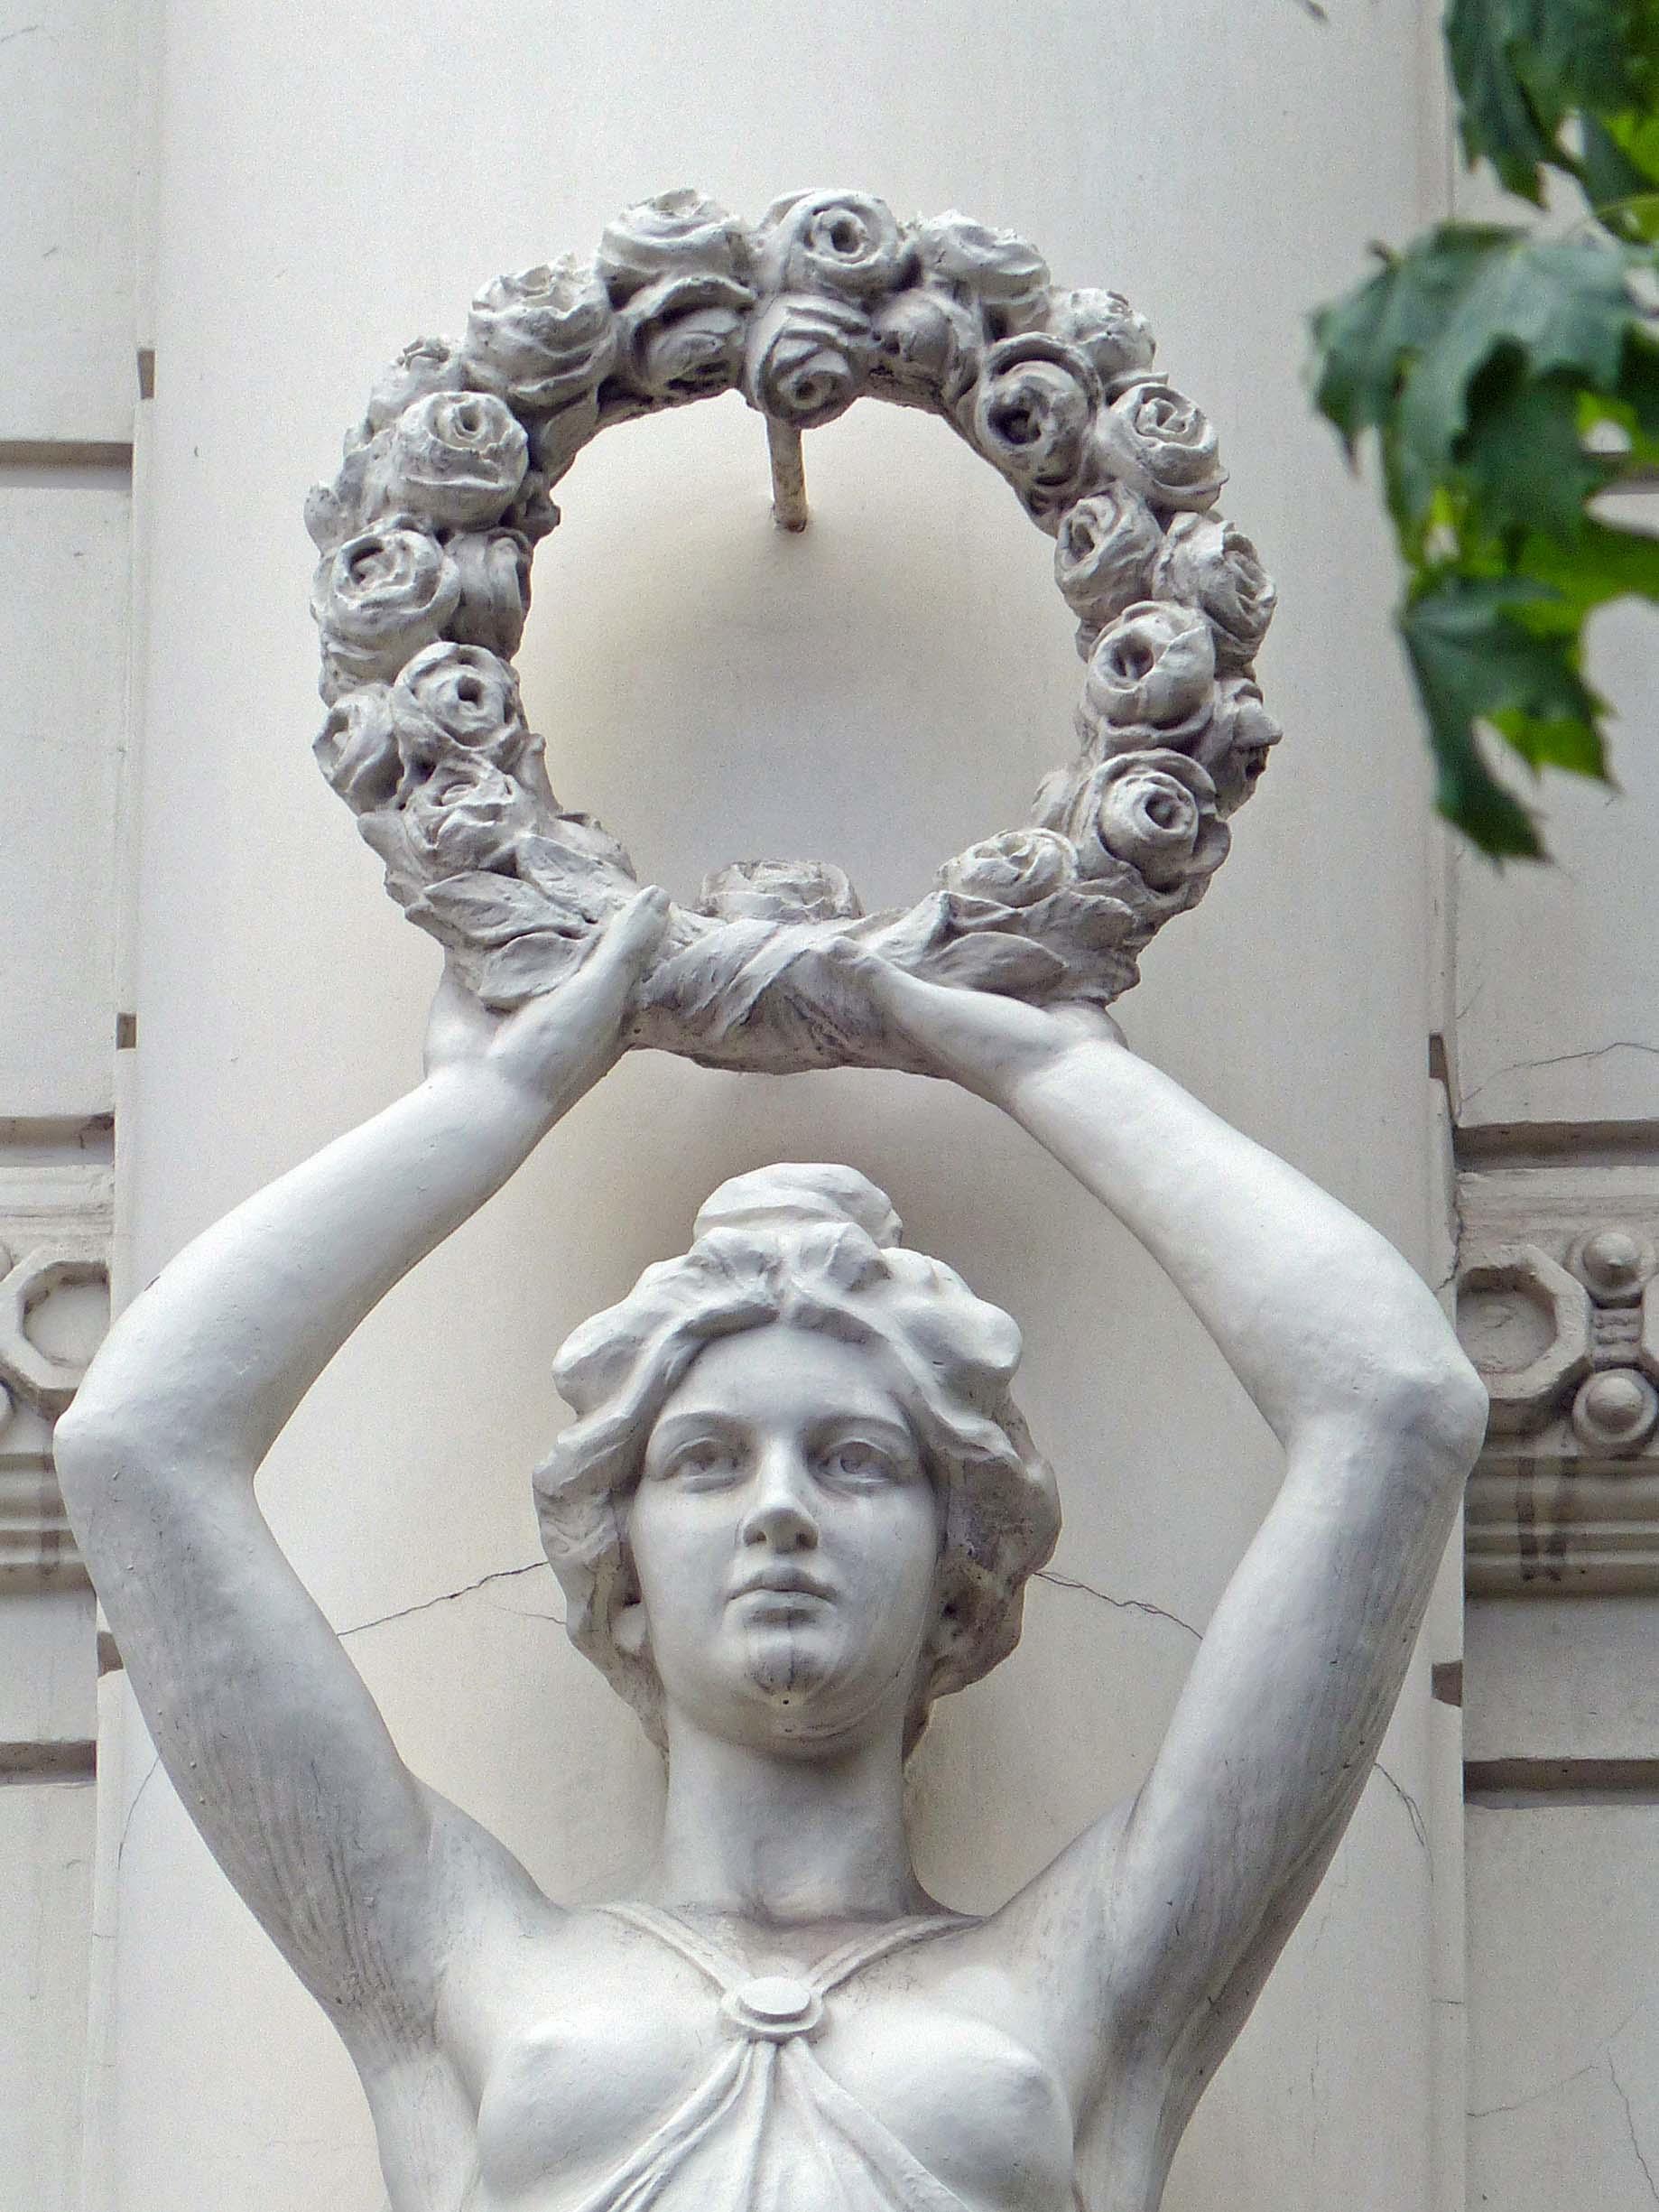 Stone female figure holding a wreath